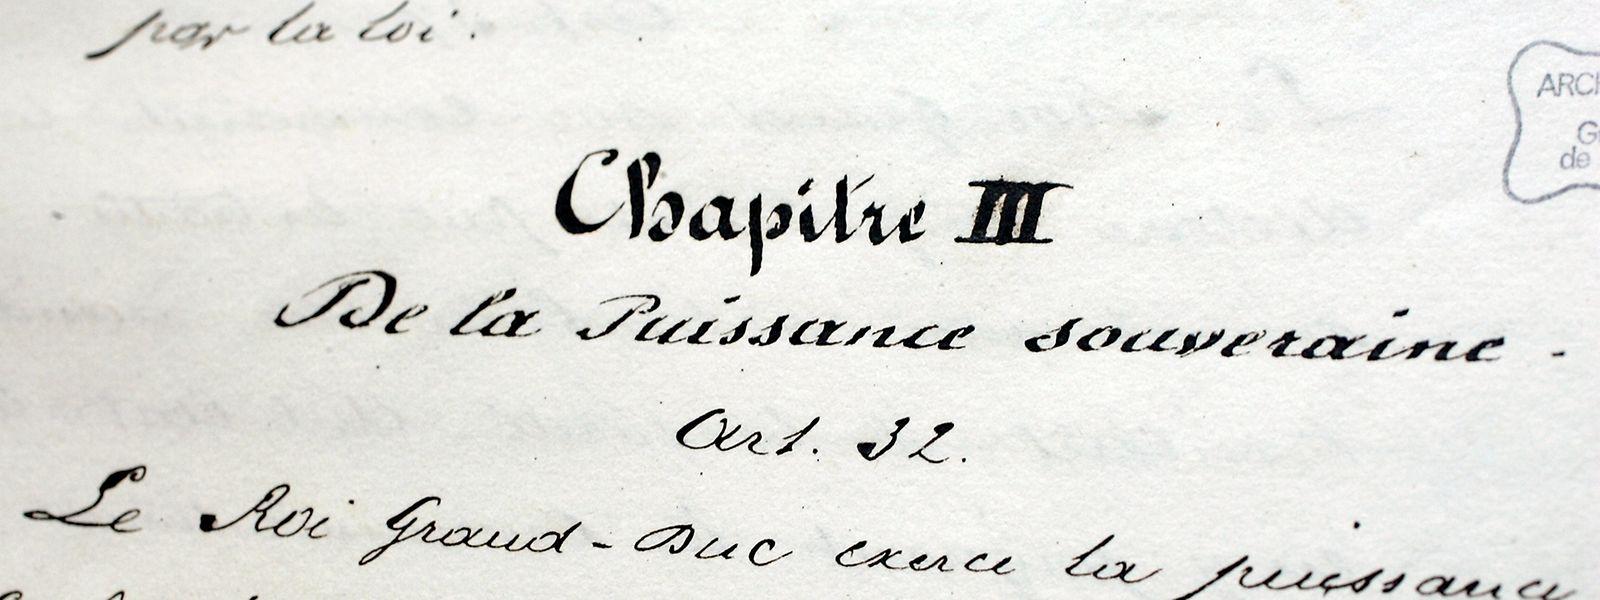 Die aktuelle Verfassung stammt aus dem Jahr 1868.